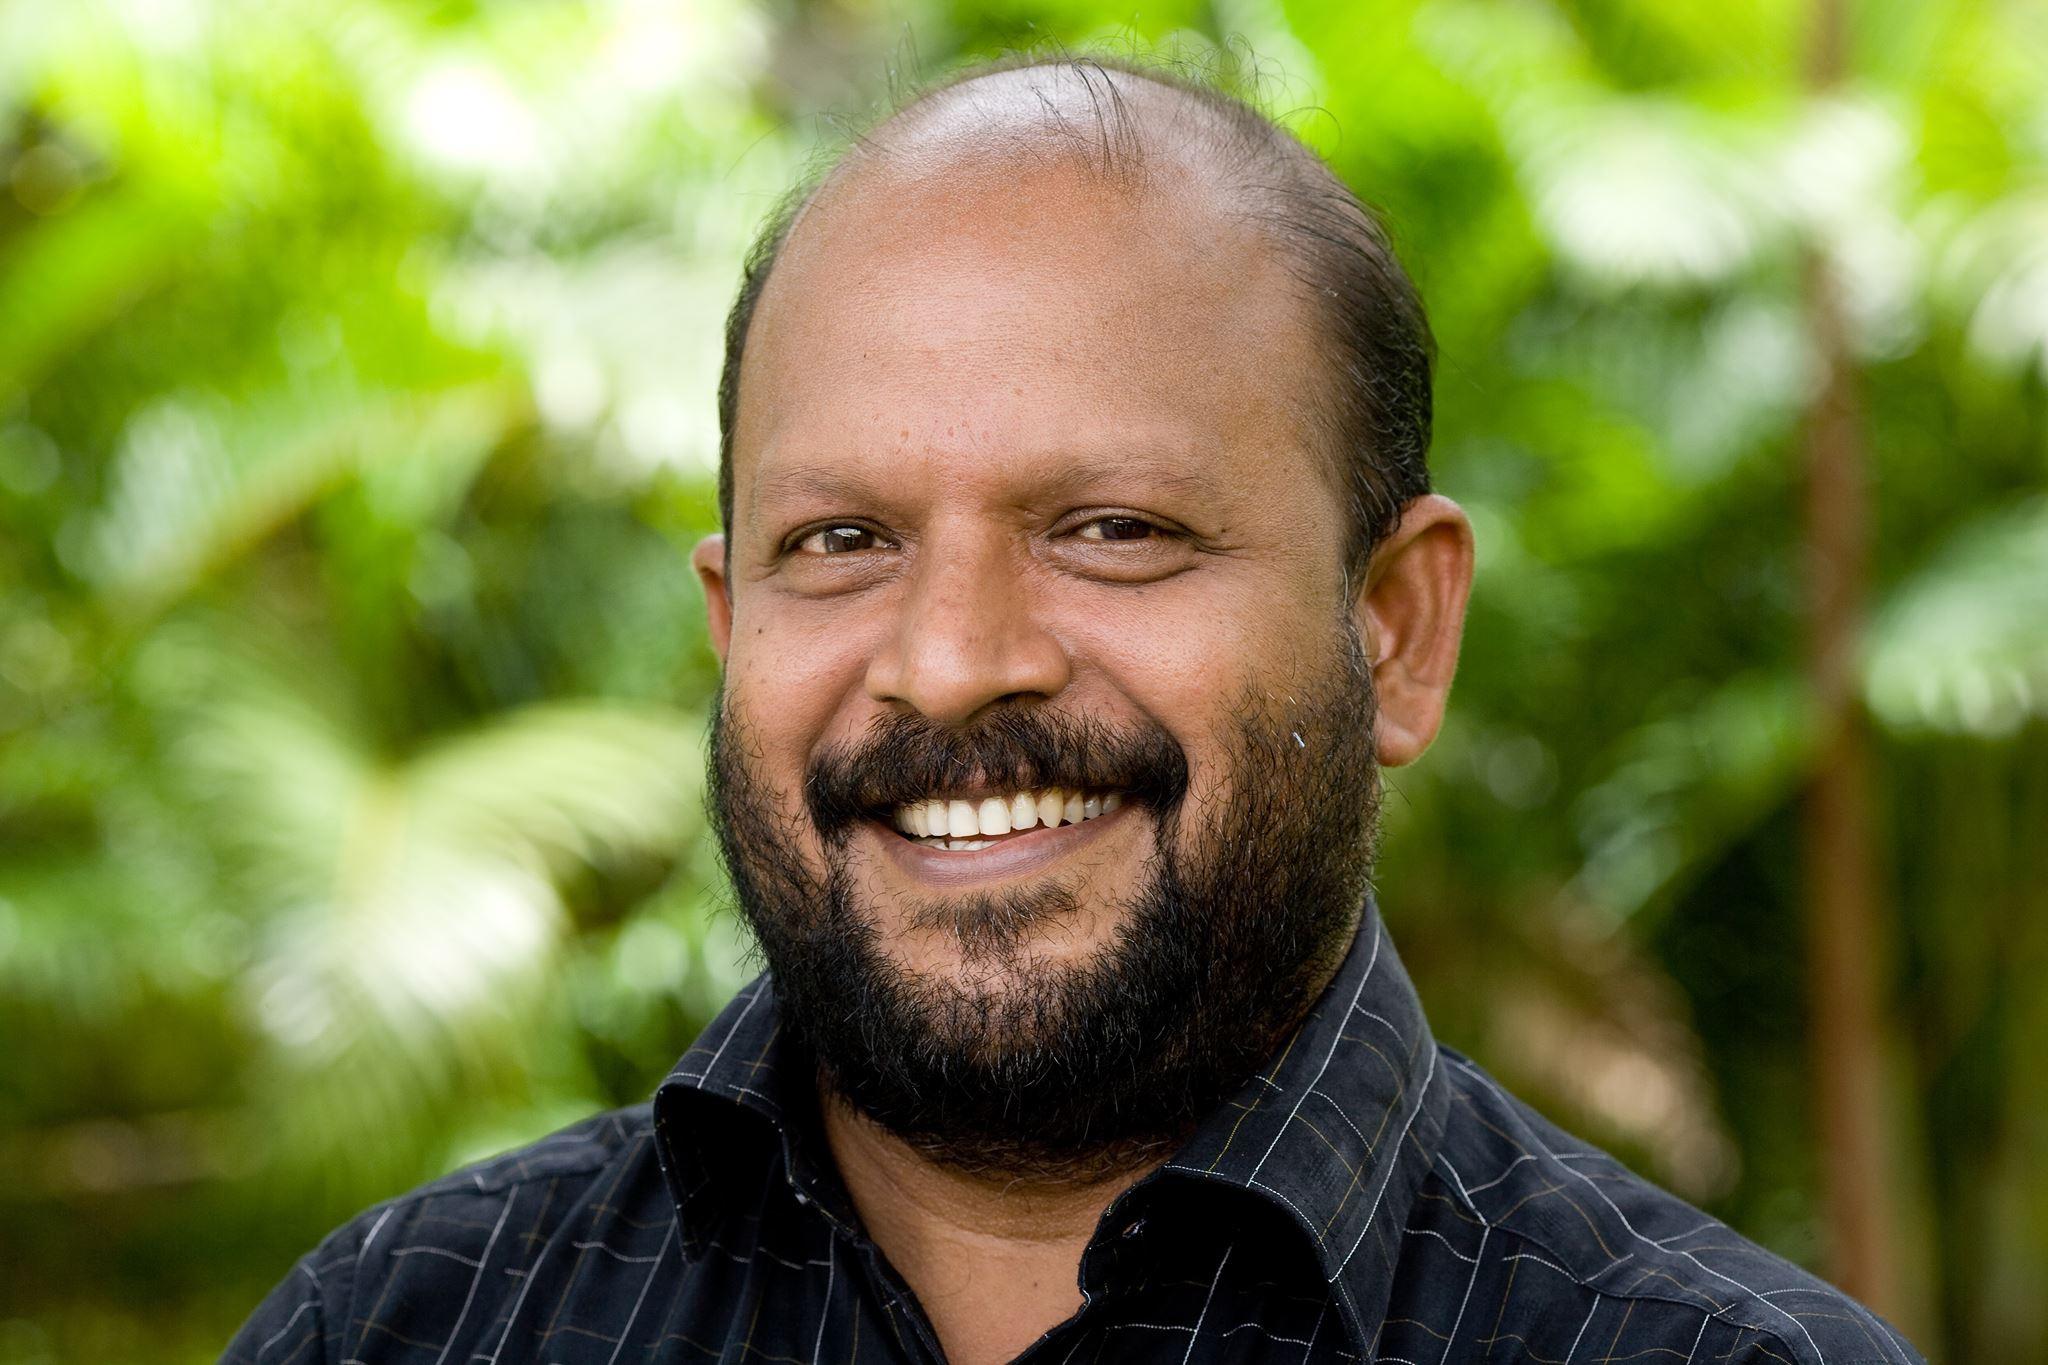 VS SunilKumar